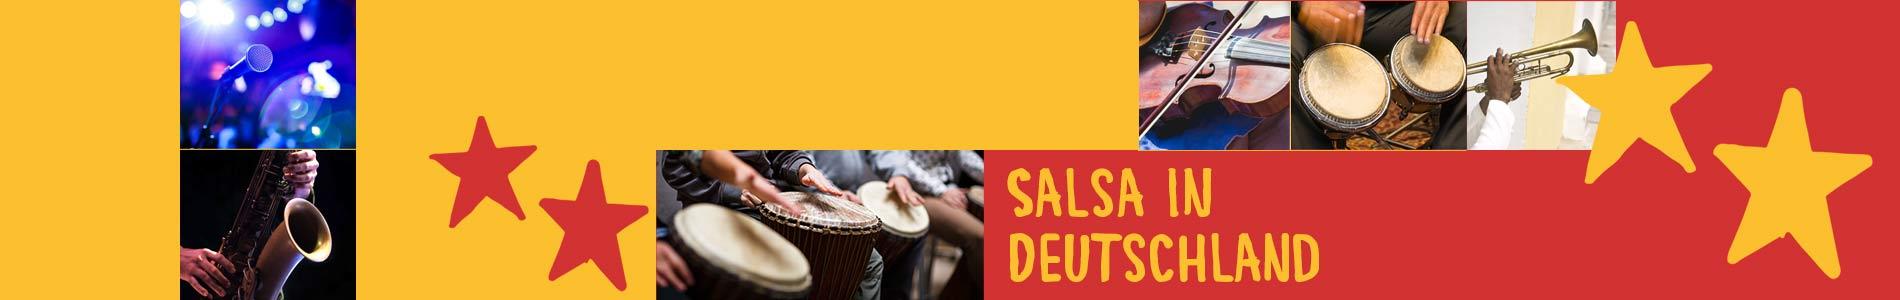 Salsa in Crostwitz – Salsa lernen und tanzen, Tanzkurse, Partys, Veranstaltungen